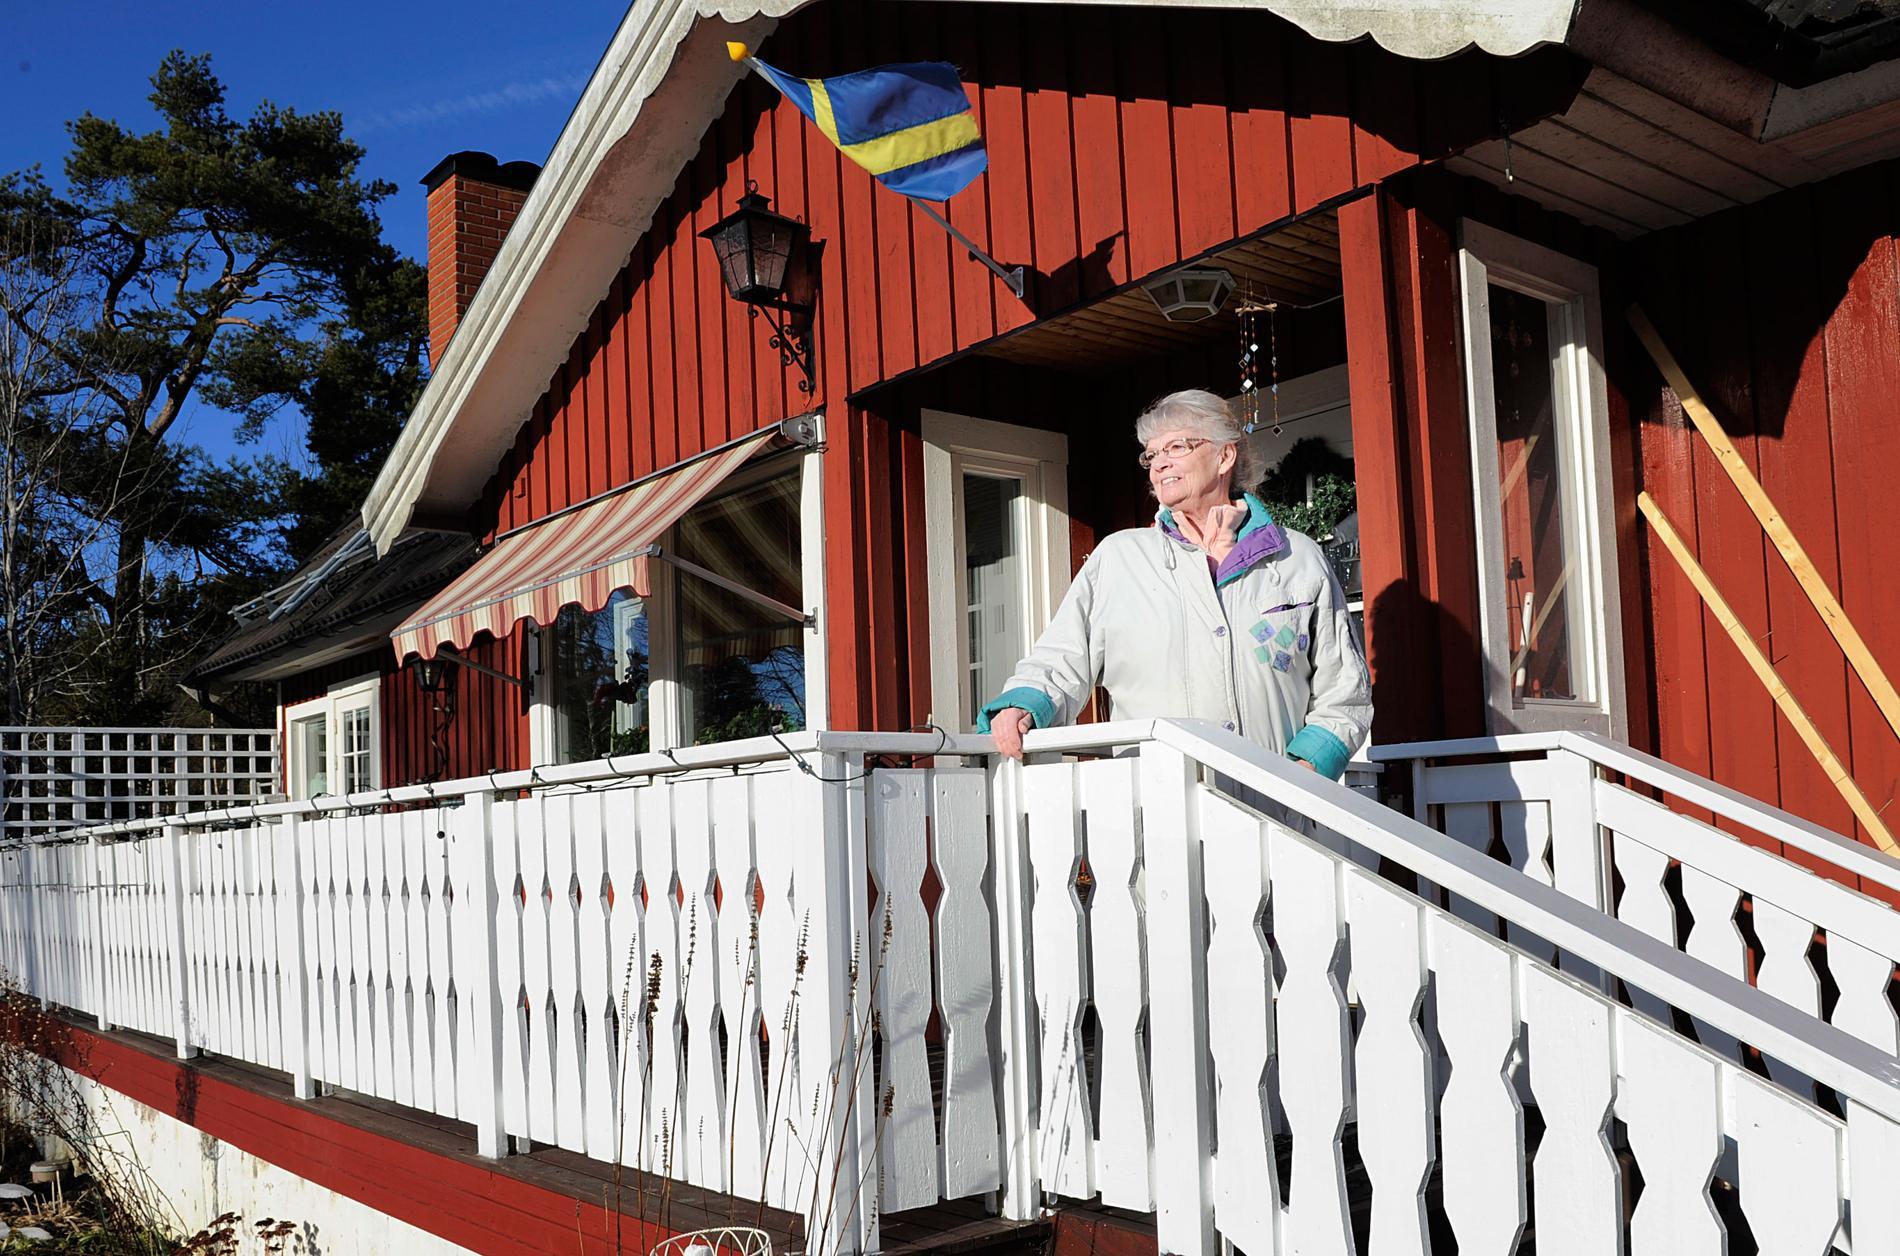 Sparar el Yvonne Roos, 69, är expert på att energispara. Skulle hon byta elleverantör skulle hon spara ytterligare några hundralappar.